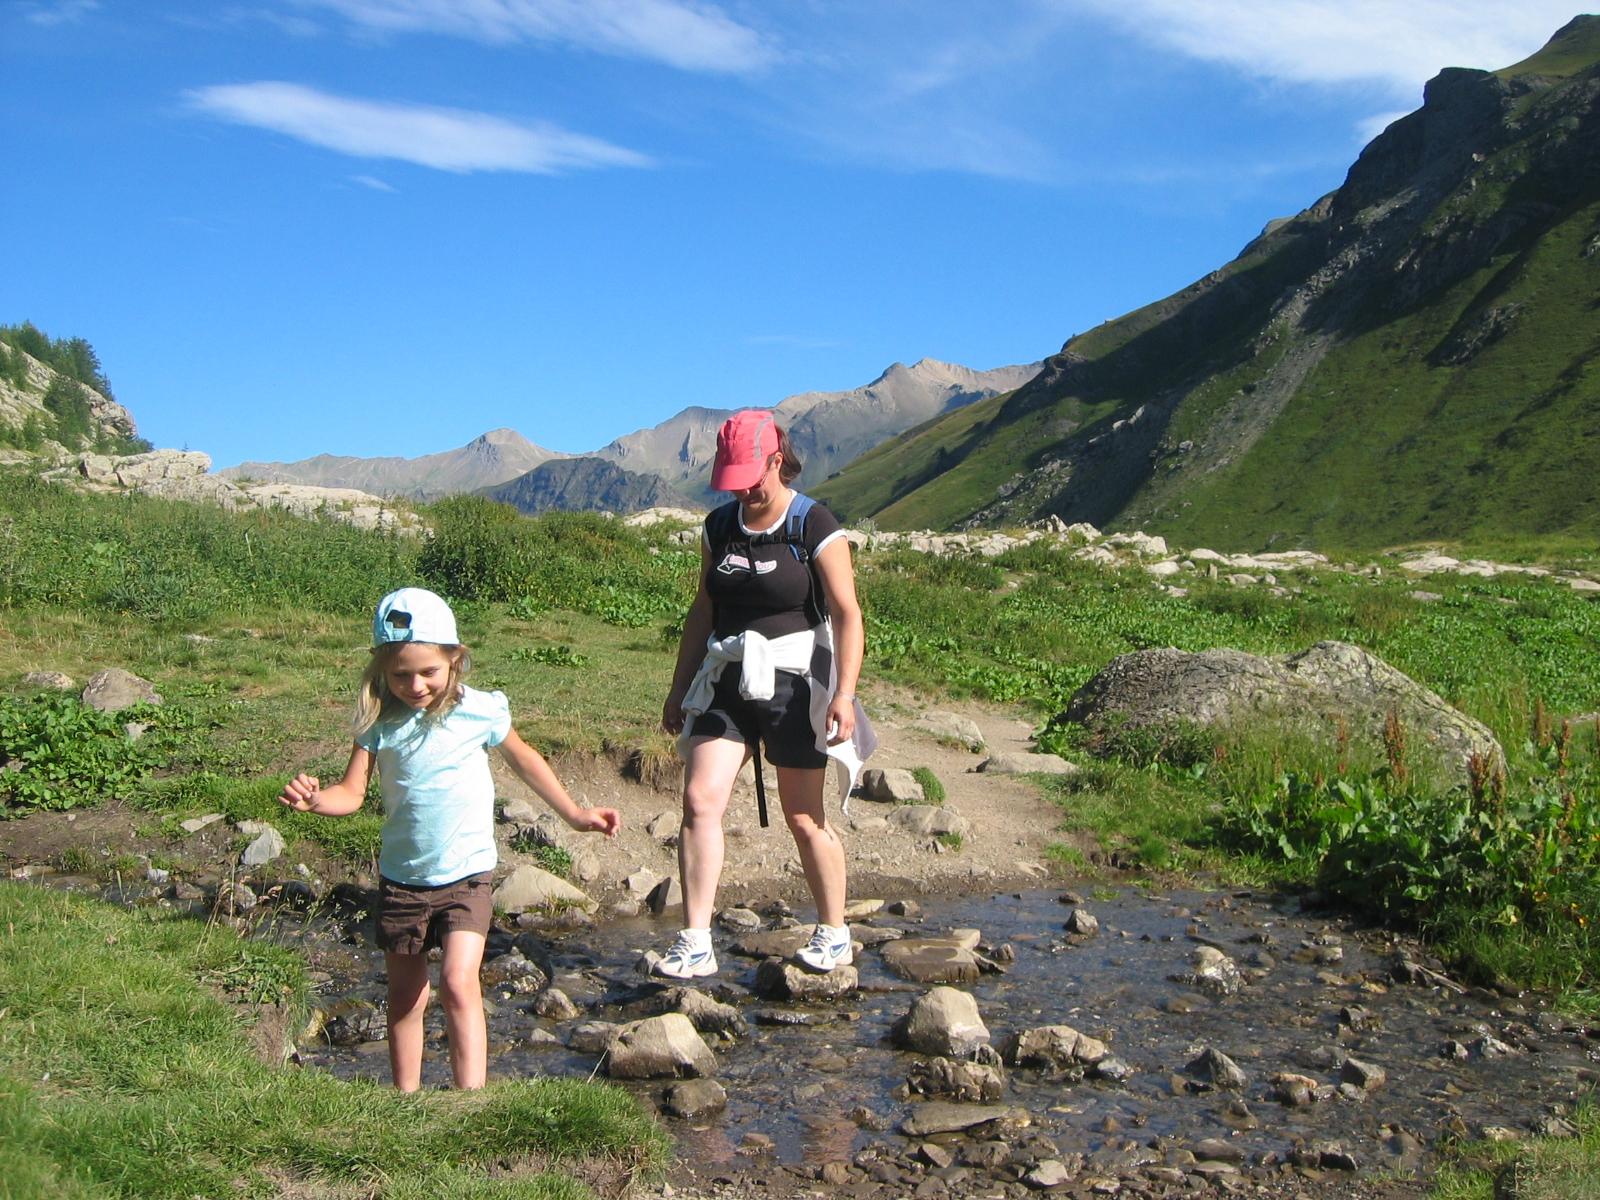 Ecomobilité touristique des Usses et Bornes (74)